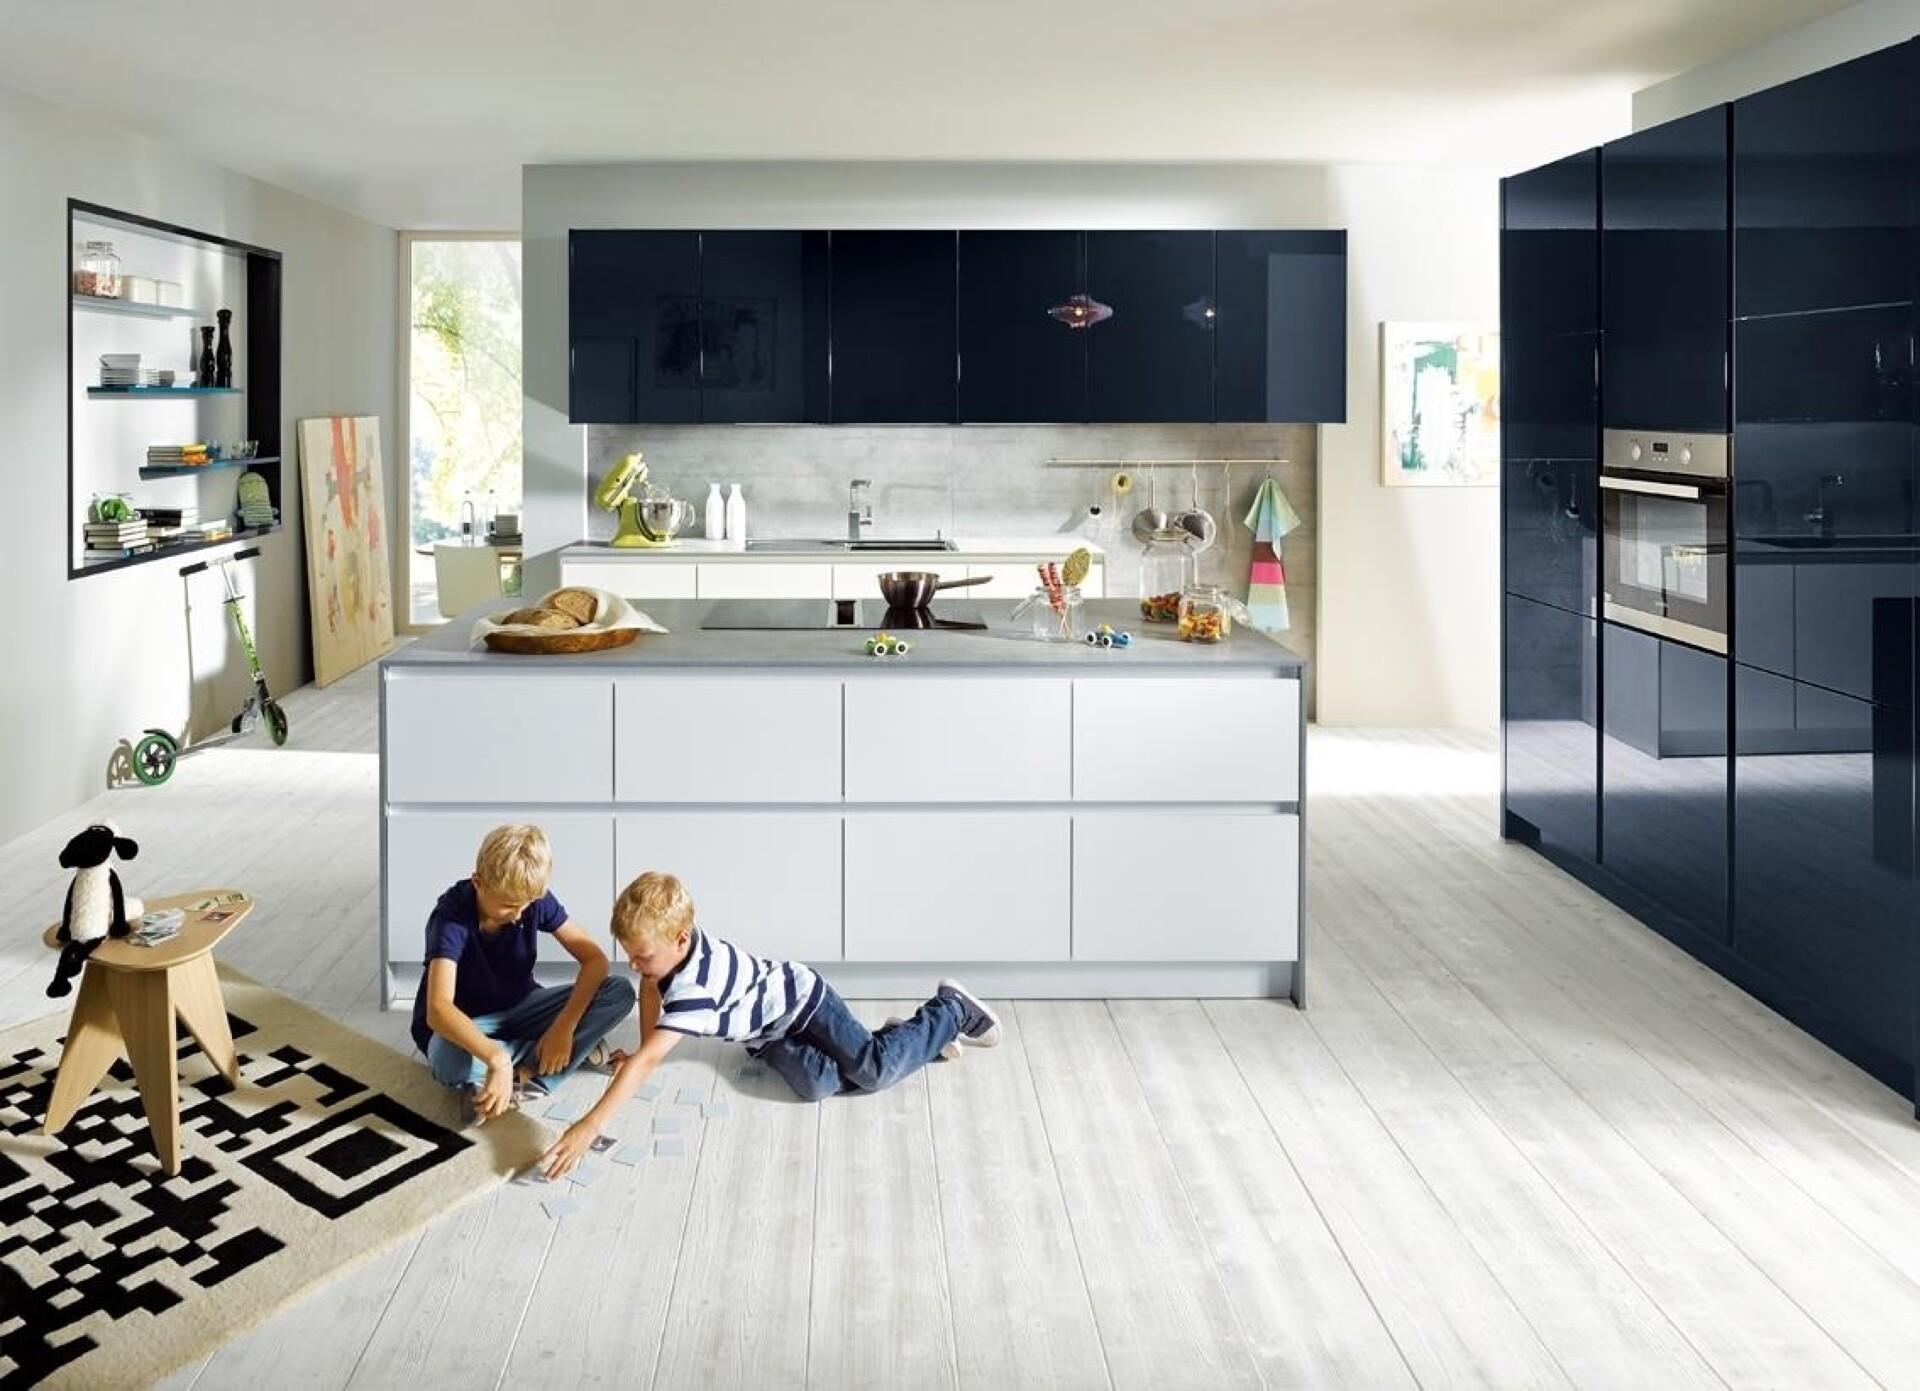 Martini Möbelforum - Küchen und Elektrogeräte in Nagold am Rande